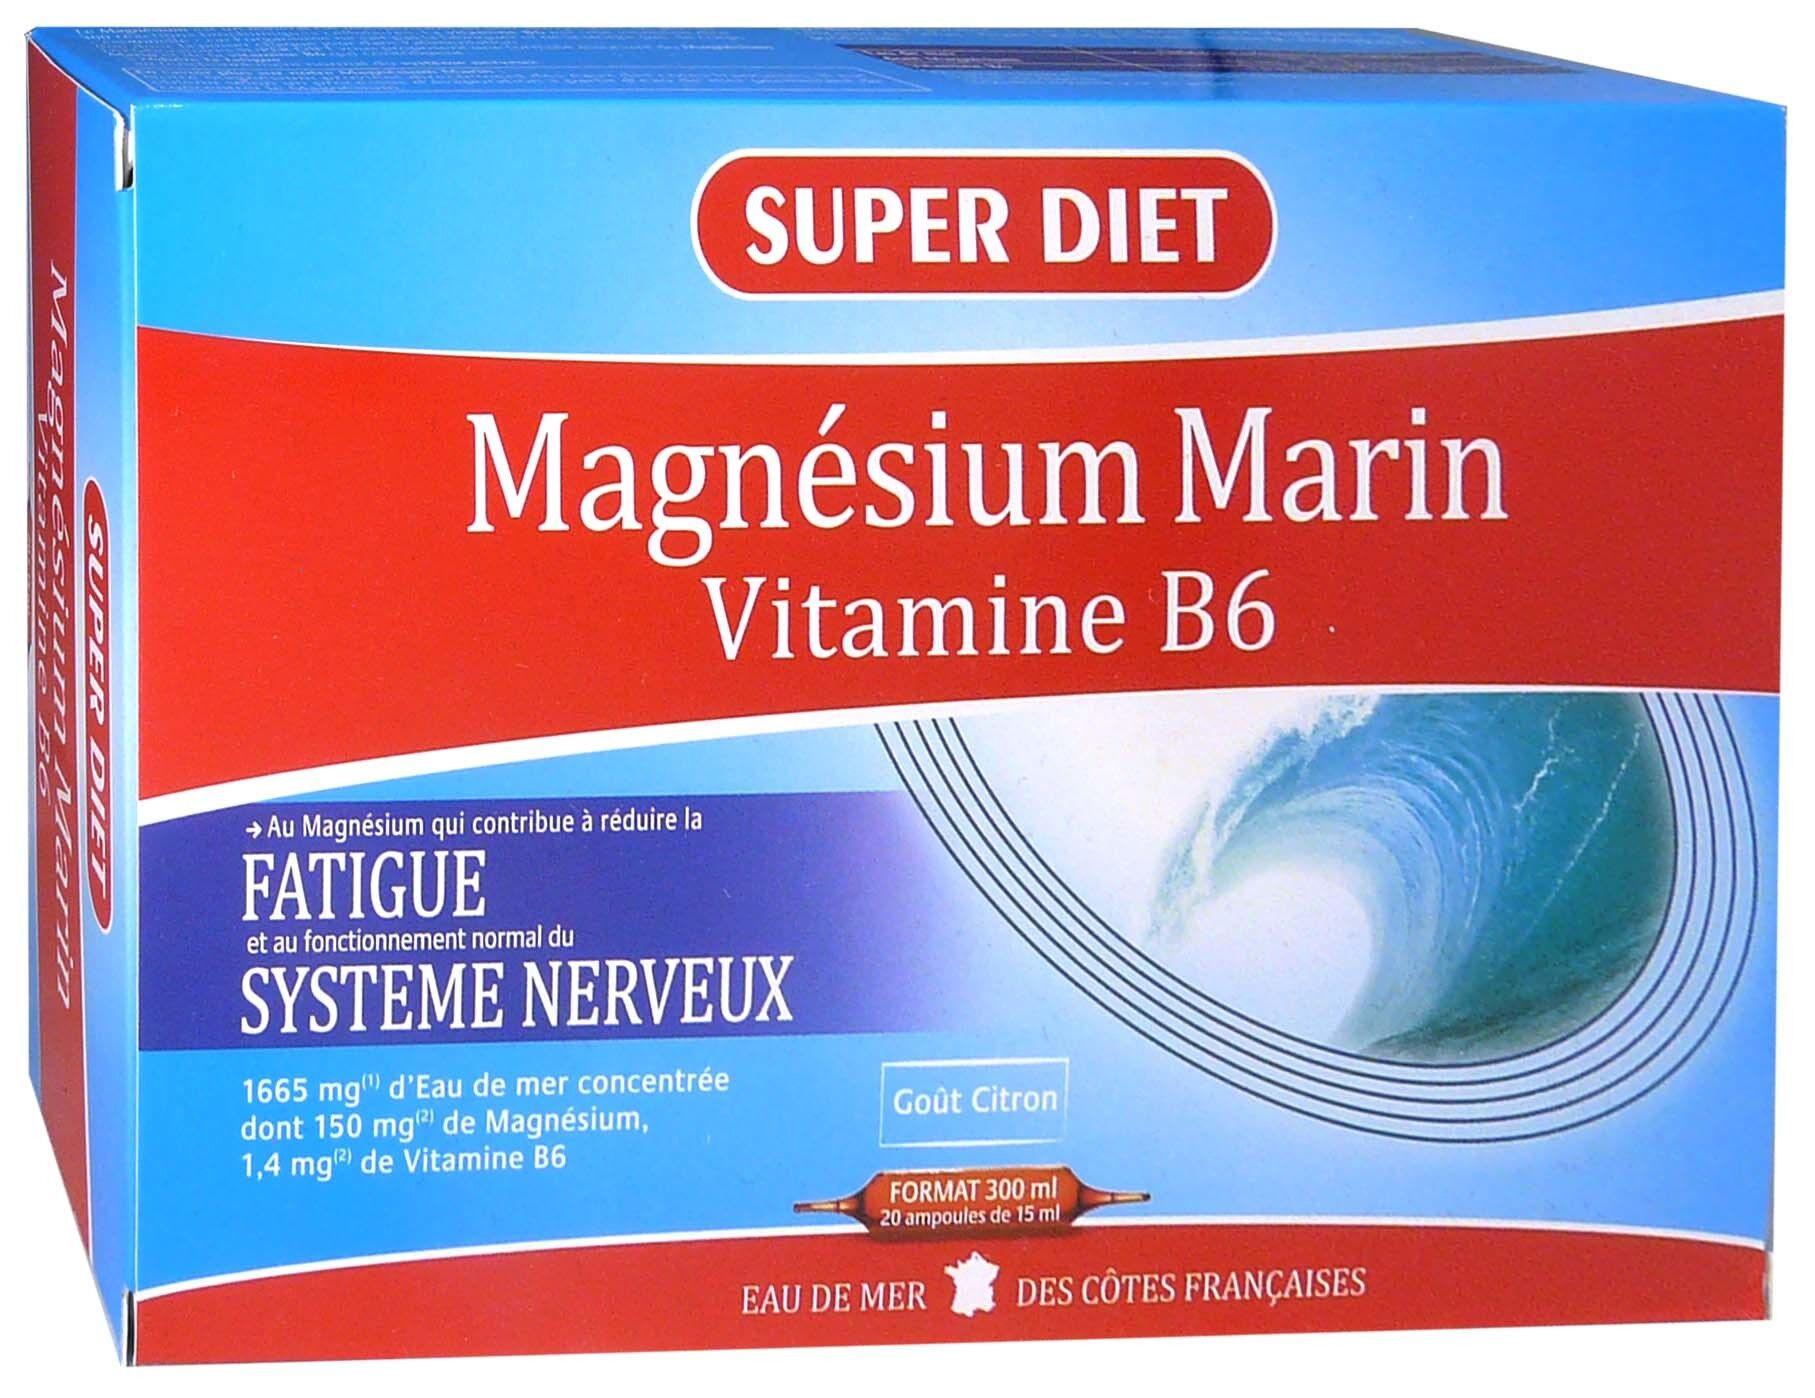 Super diet magnesium marin vitamine b6 20 ampoules